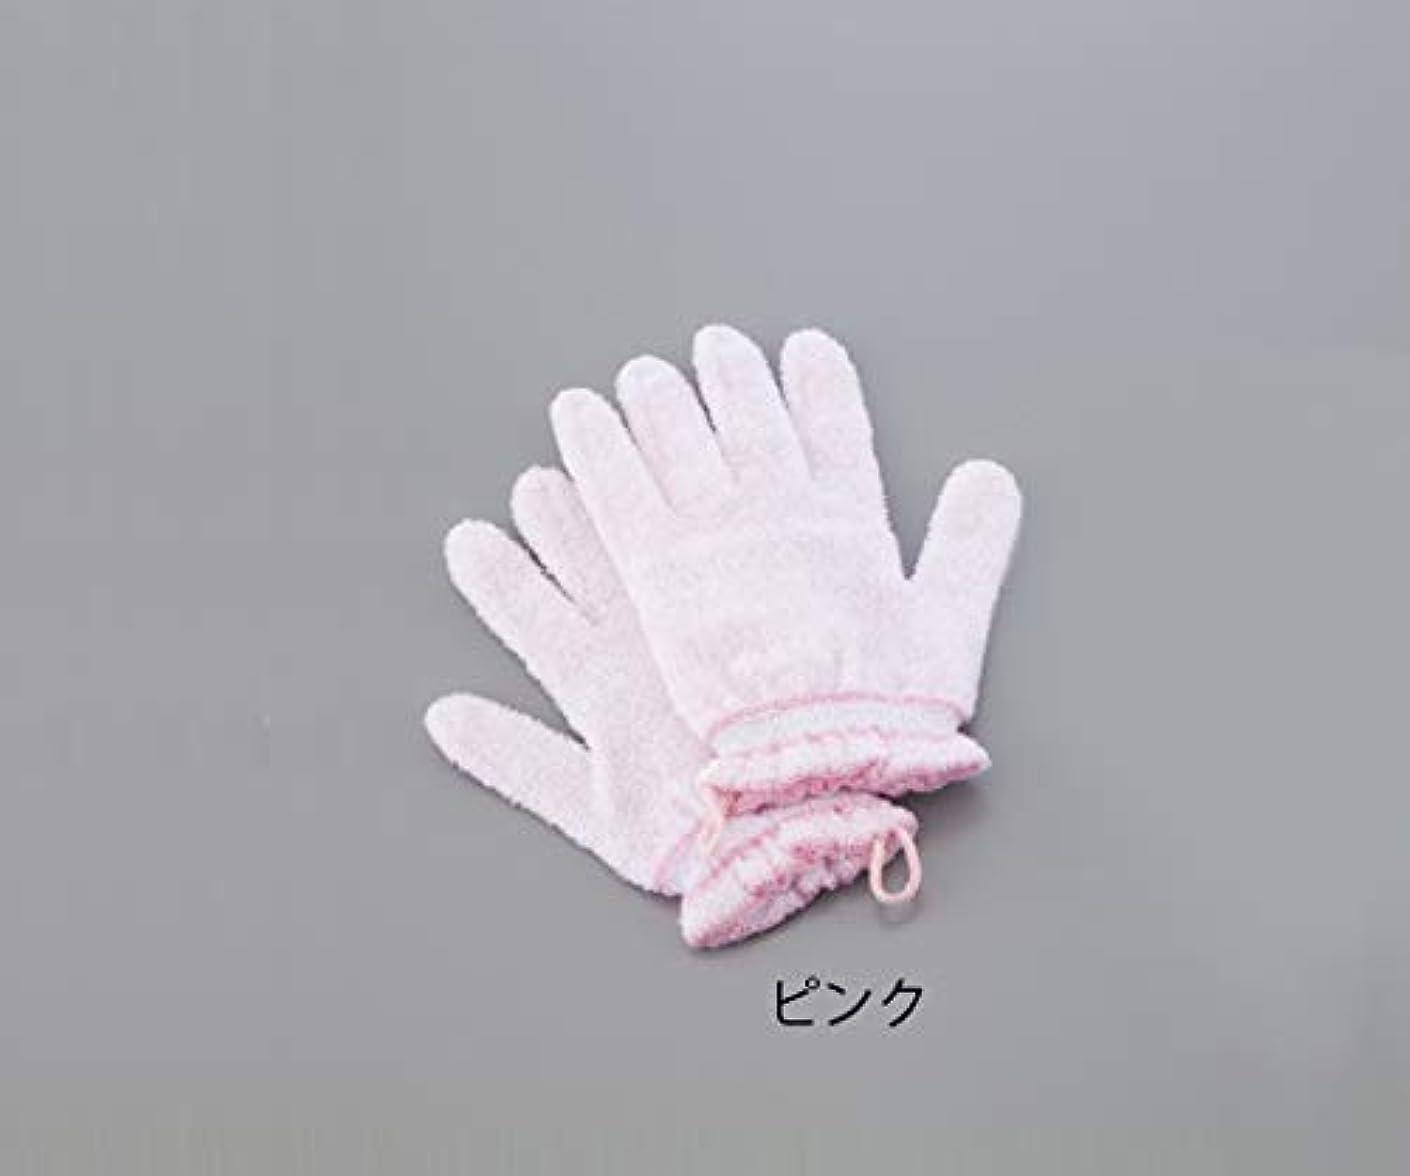 ピービッシュジャンクション感覚0-4015-01浴用手袋(やさしい手)ピンク